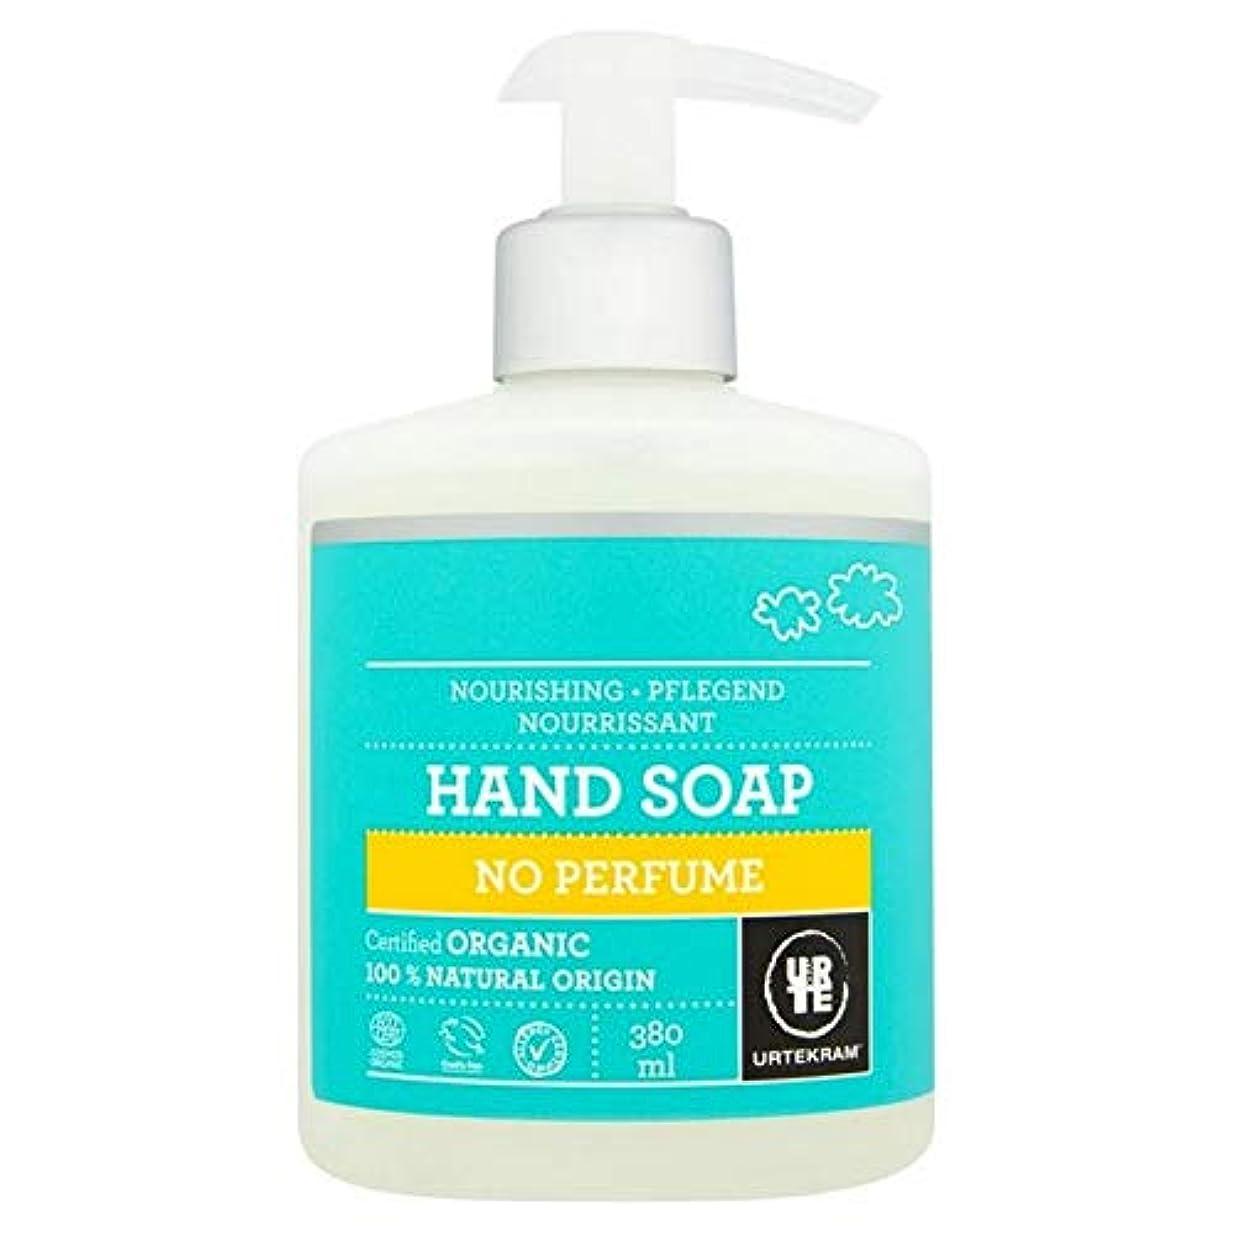 一過性メタリック鰐[Urtekram] 何の香水、液体ハンドソープ380ミリリットルをUrtekramありません - Urtekram No Perfume Liquid Hand Soap 380ml [並行輸入品]